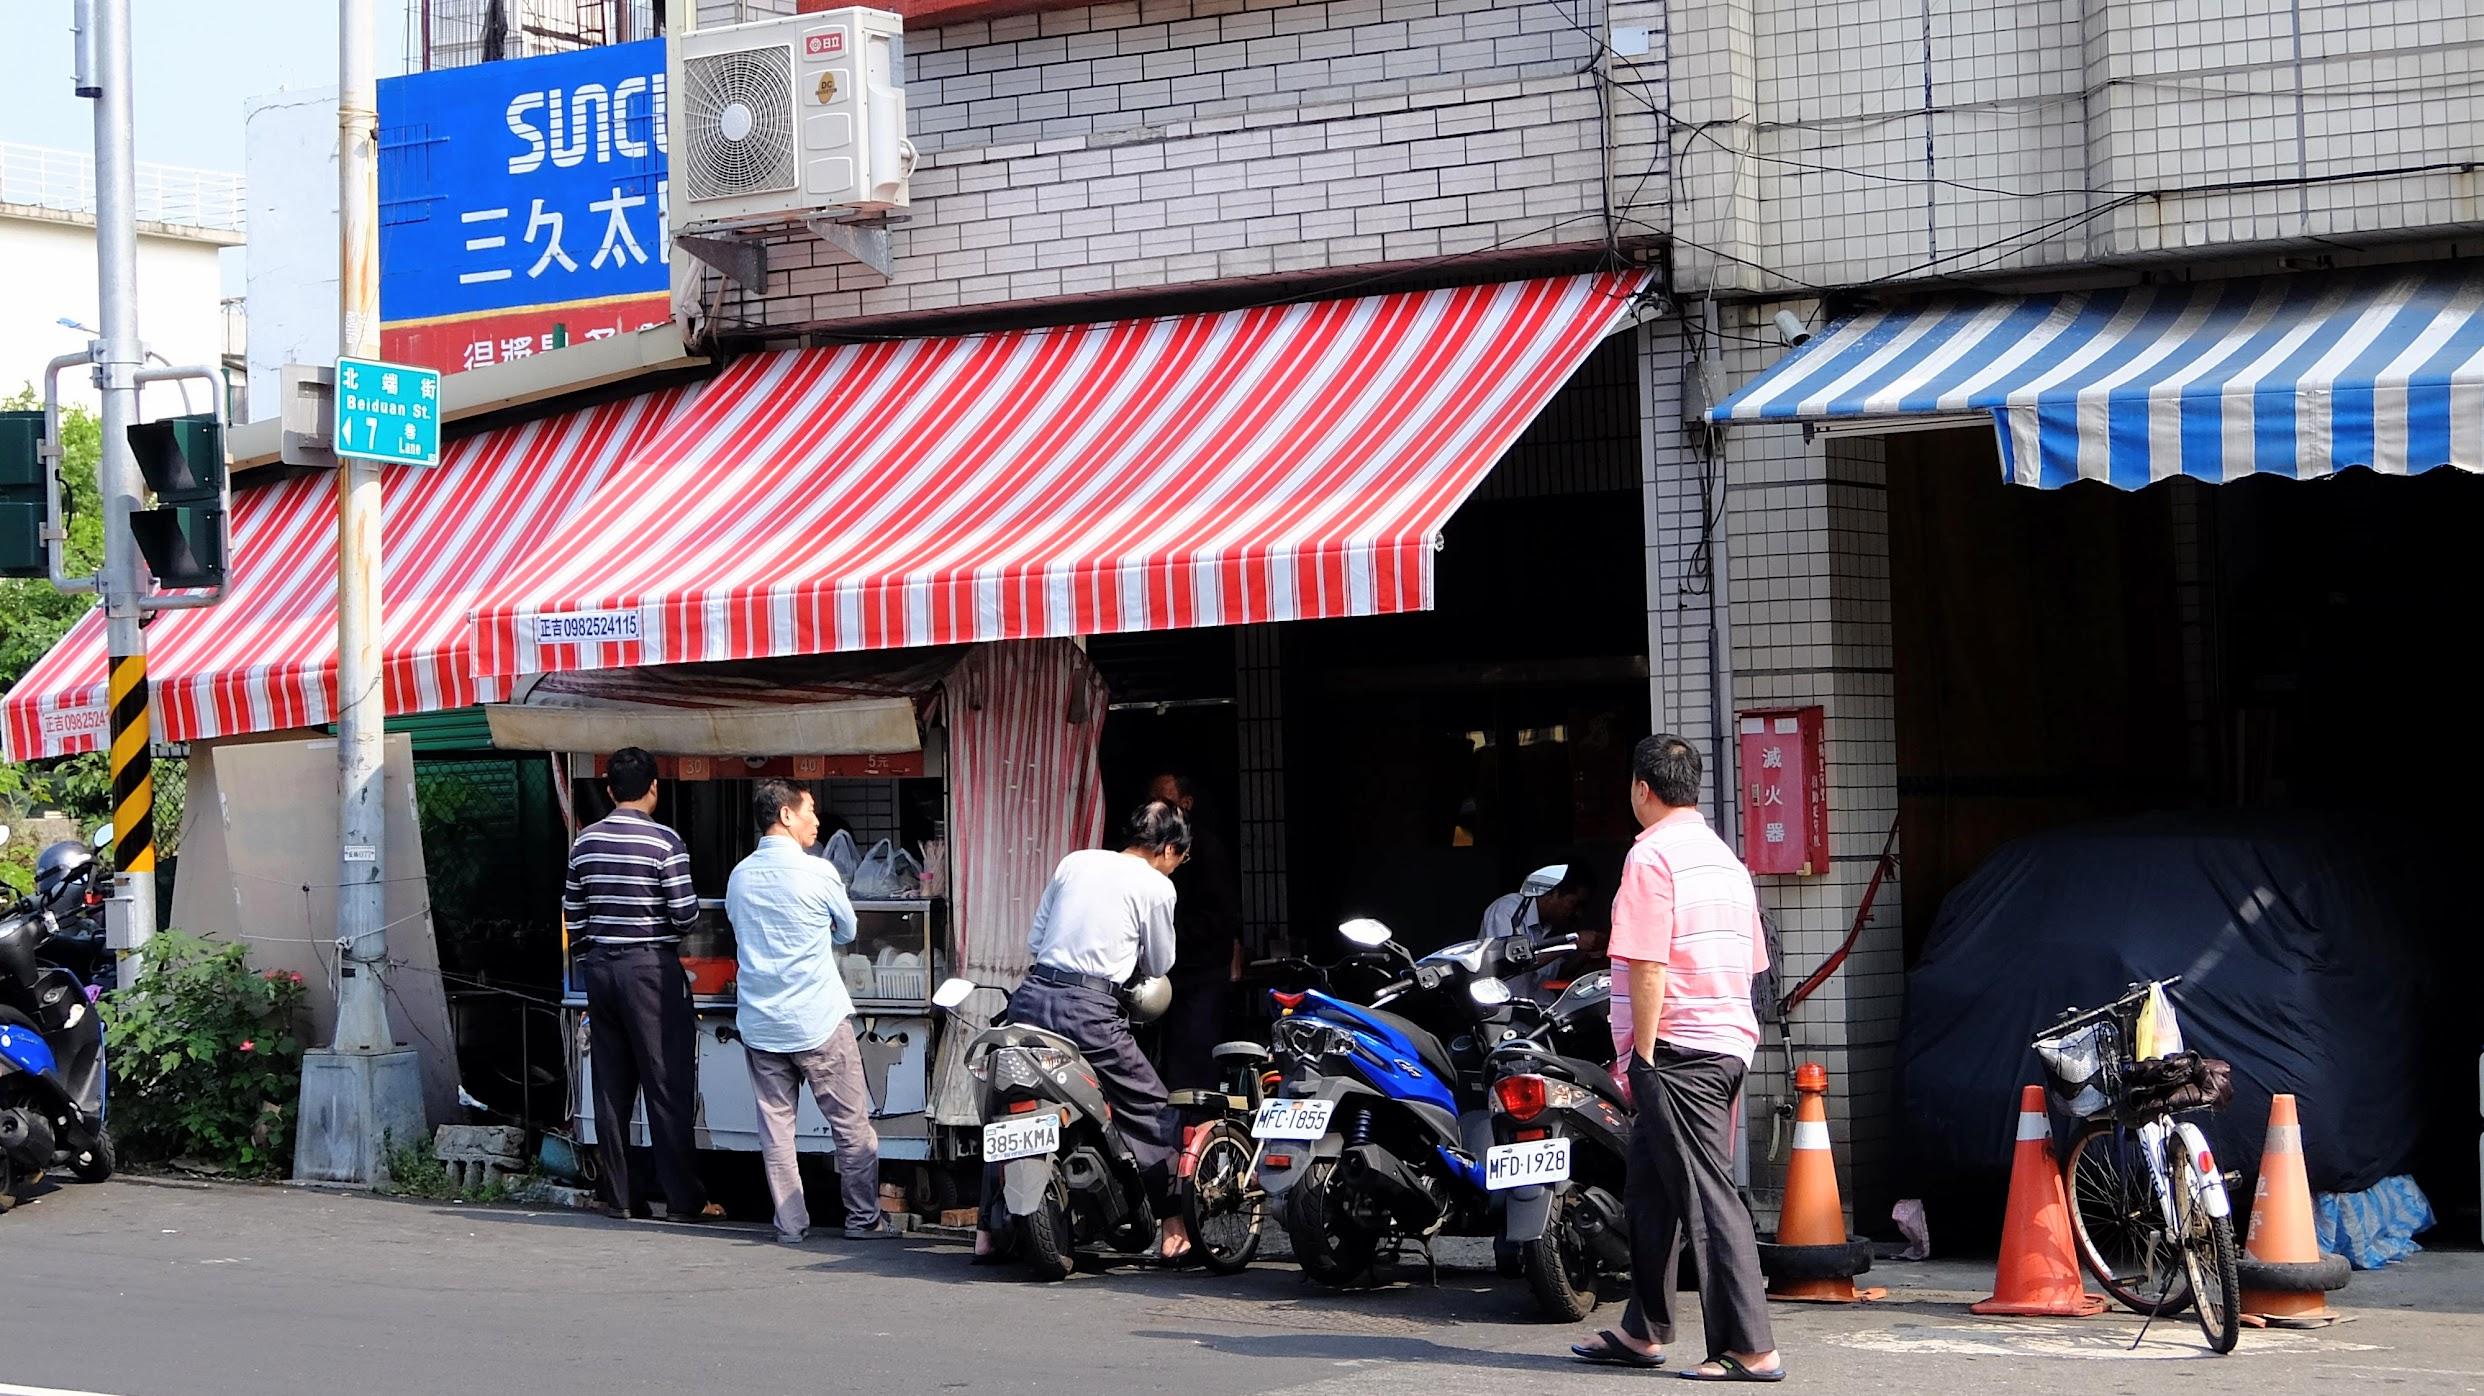 在北斗街接近鐵路旁有這一家很多人的肉粽店!